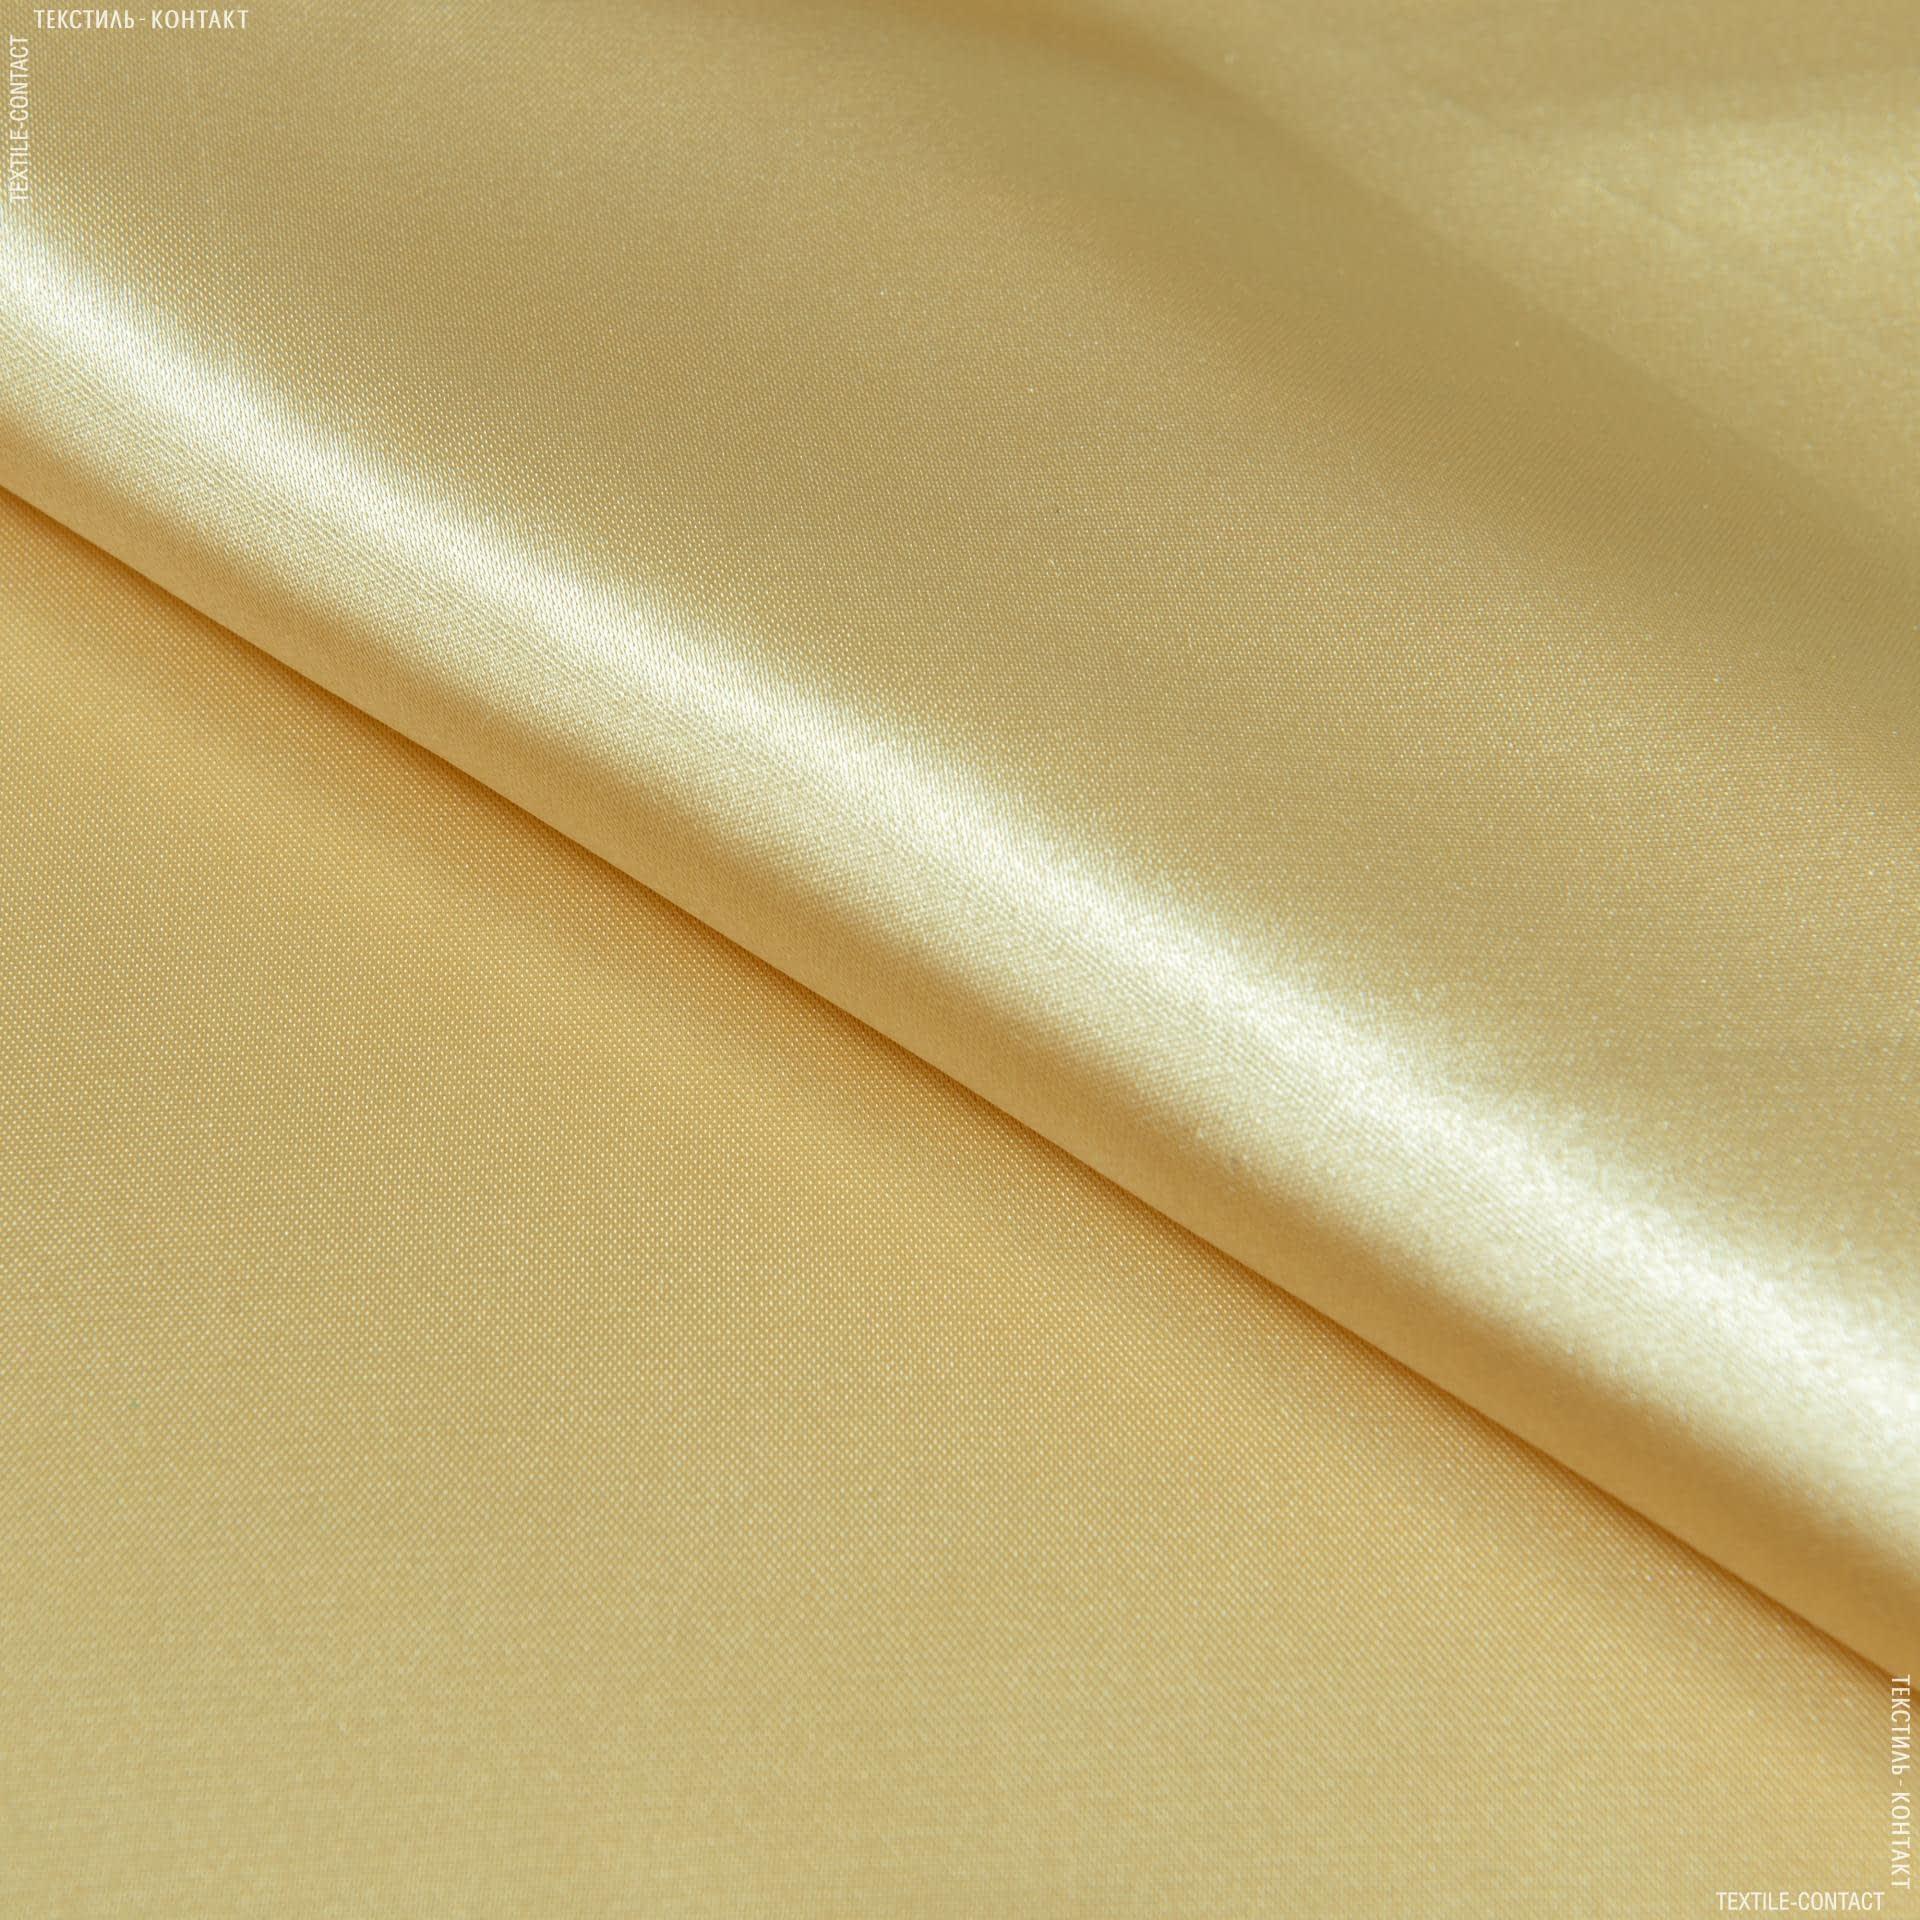 Тканини для костюмів - Атлас щільний кремовий